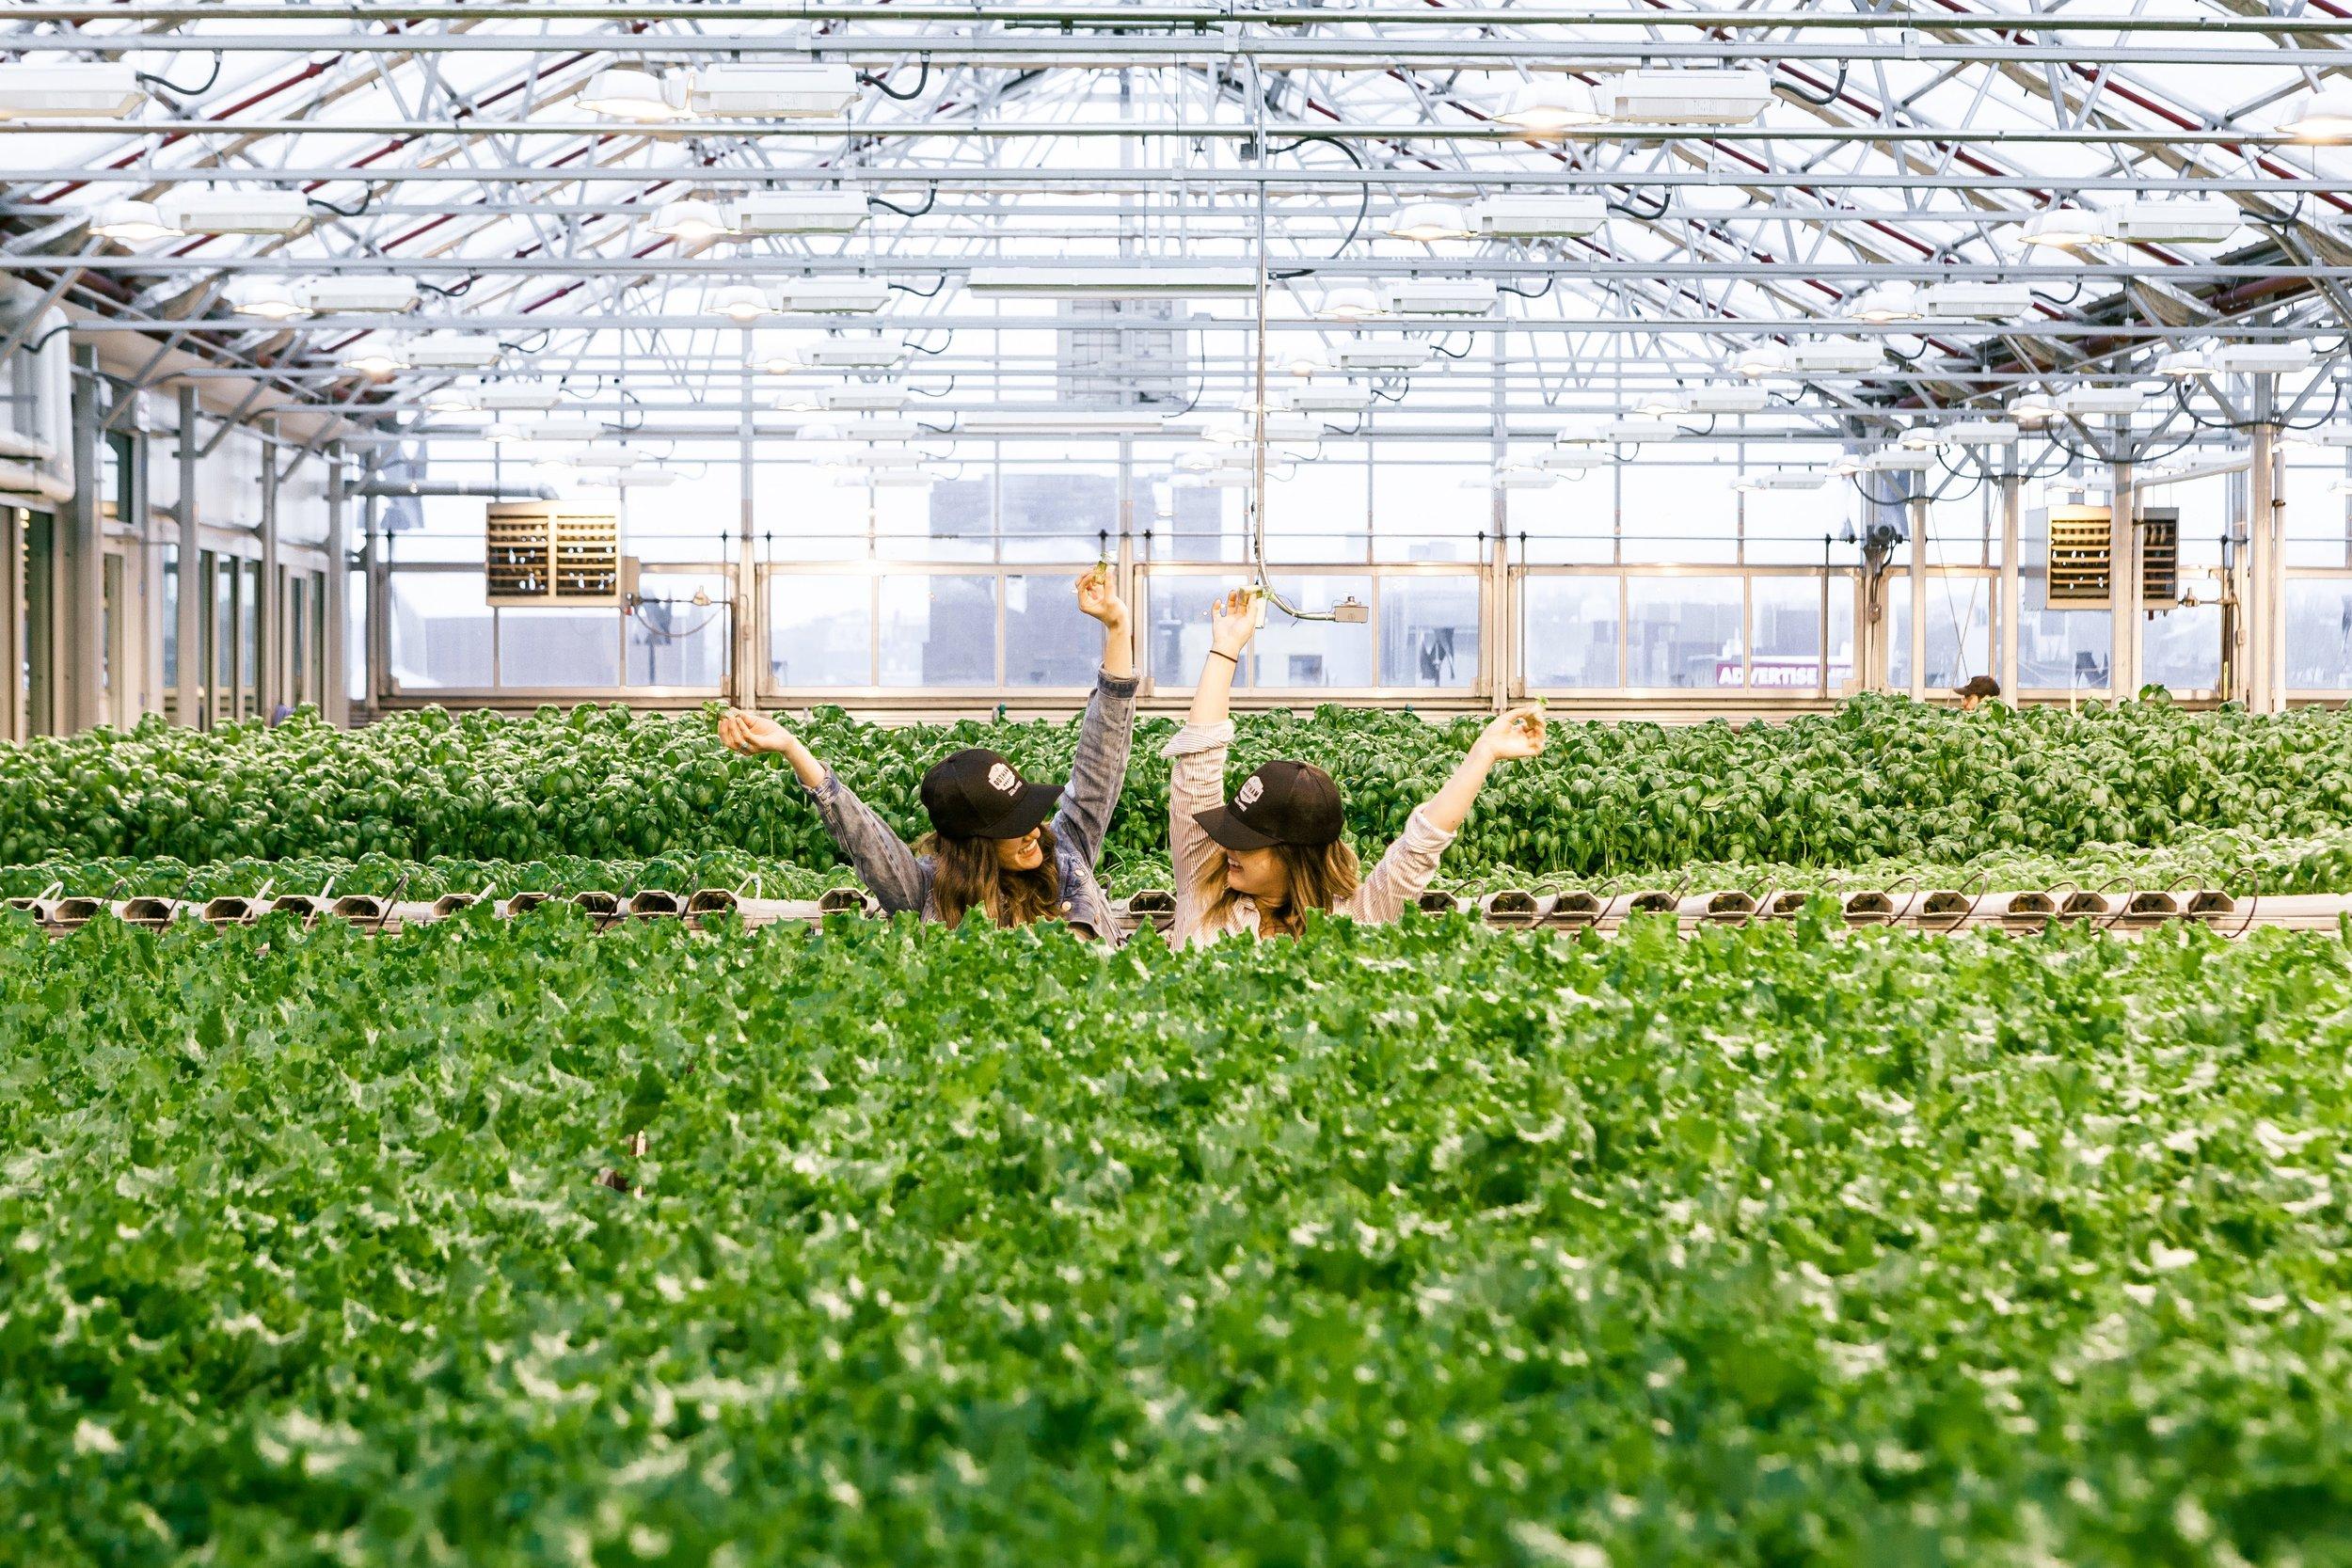 gotham-green-rooftop-farm